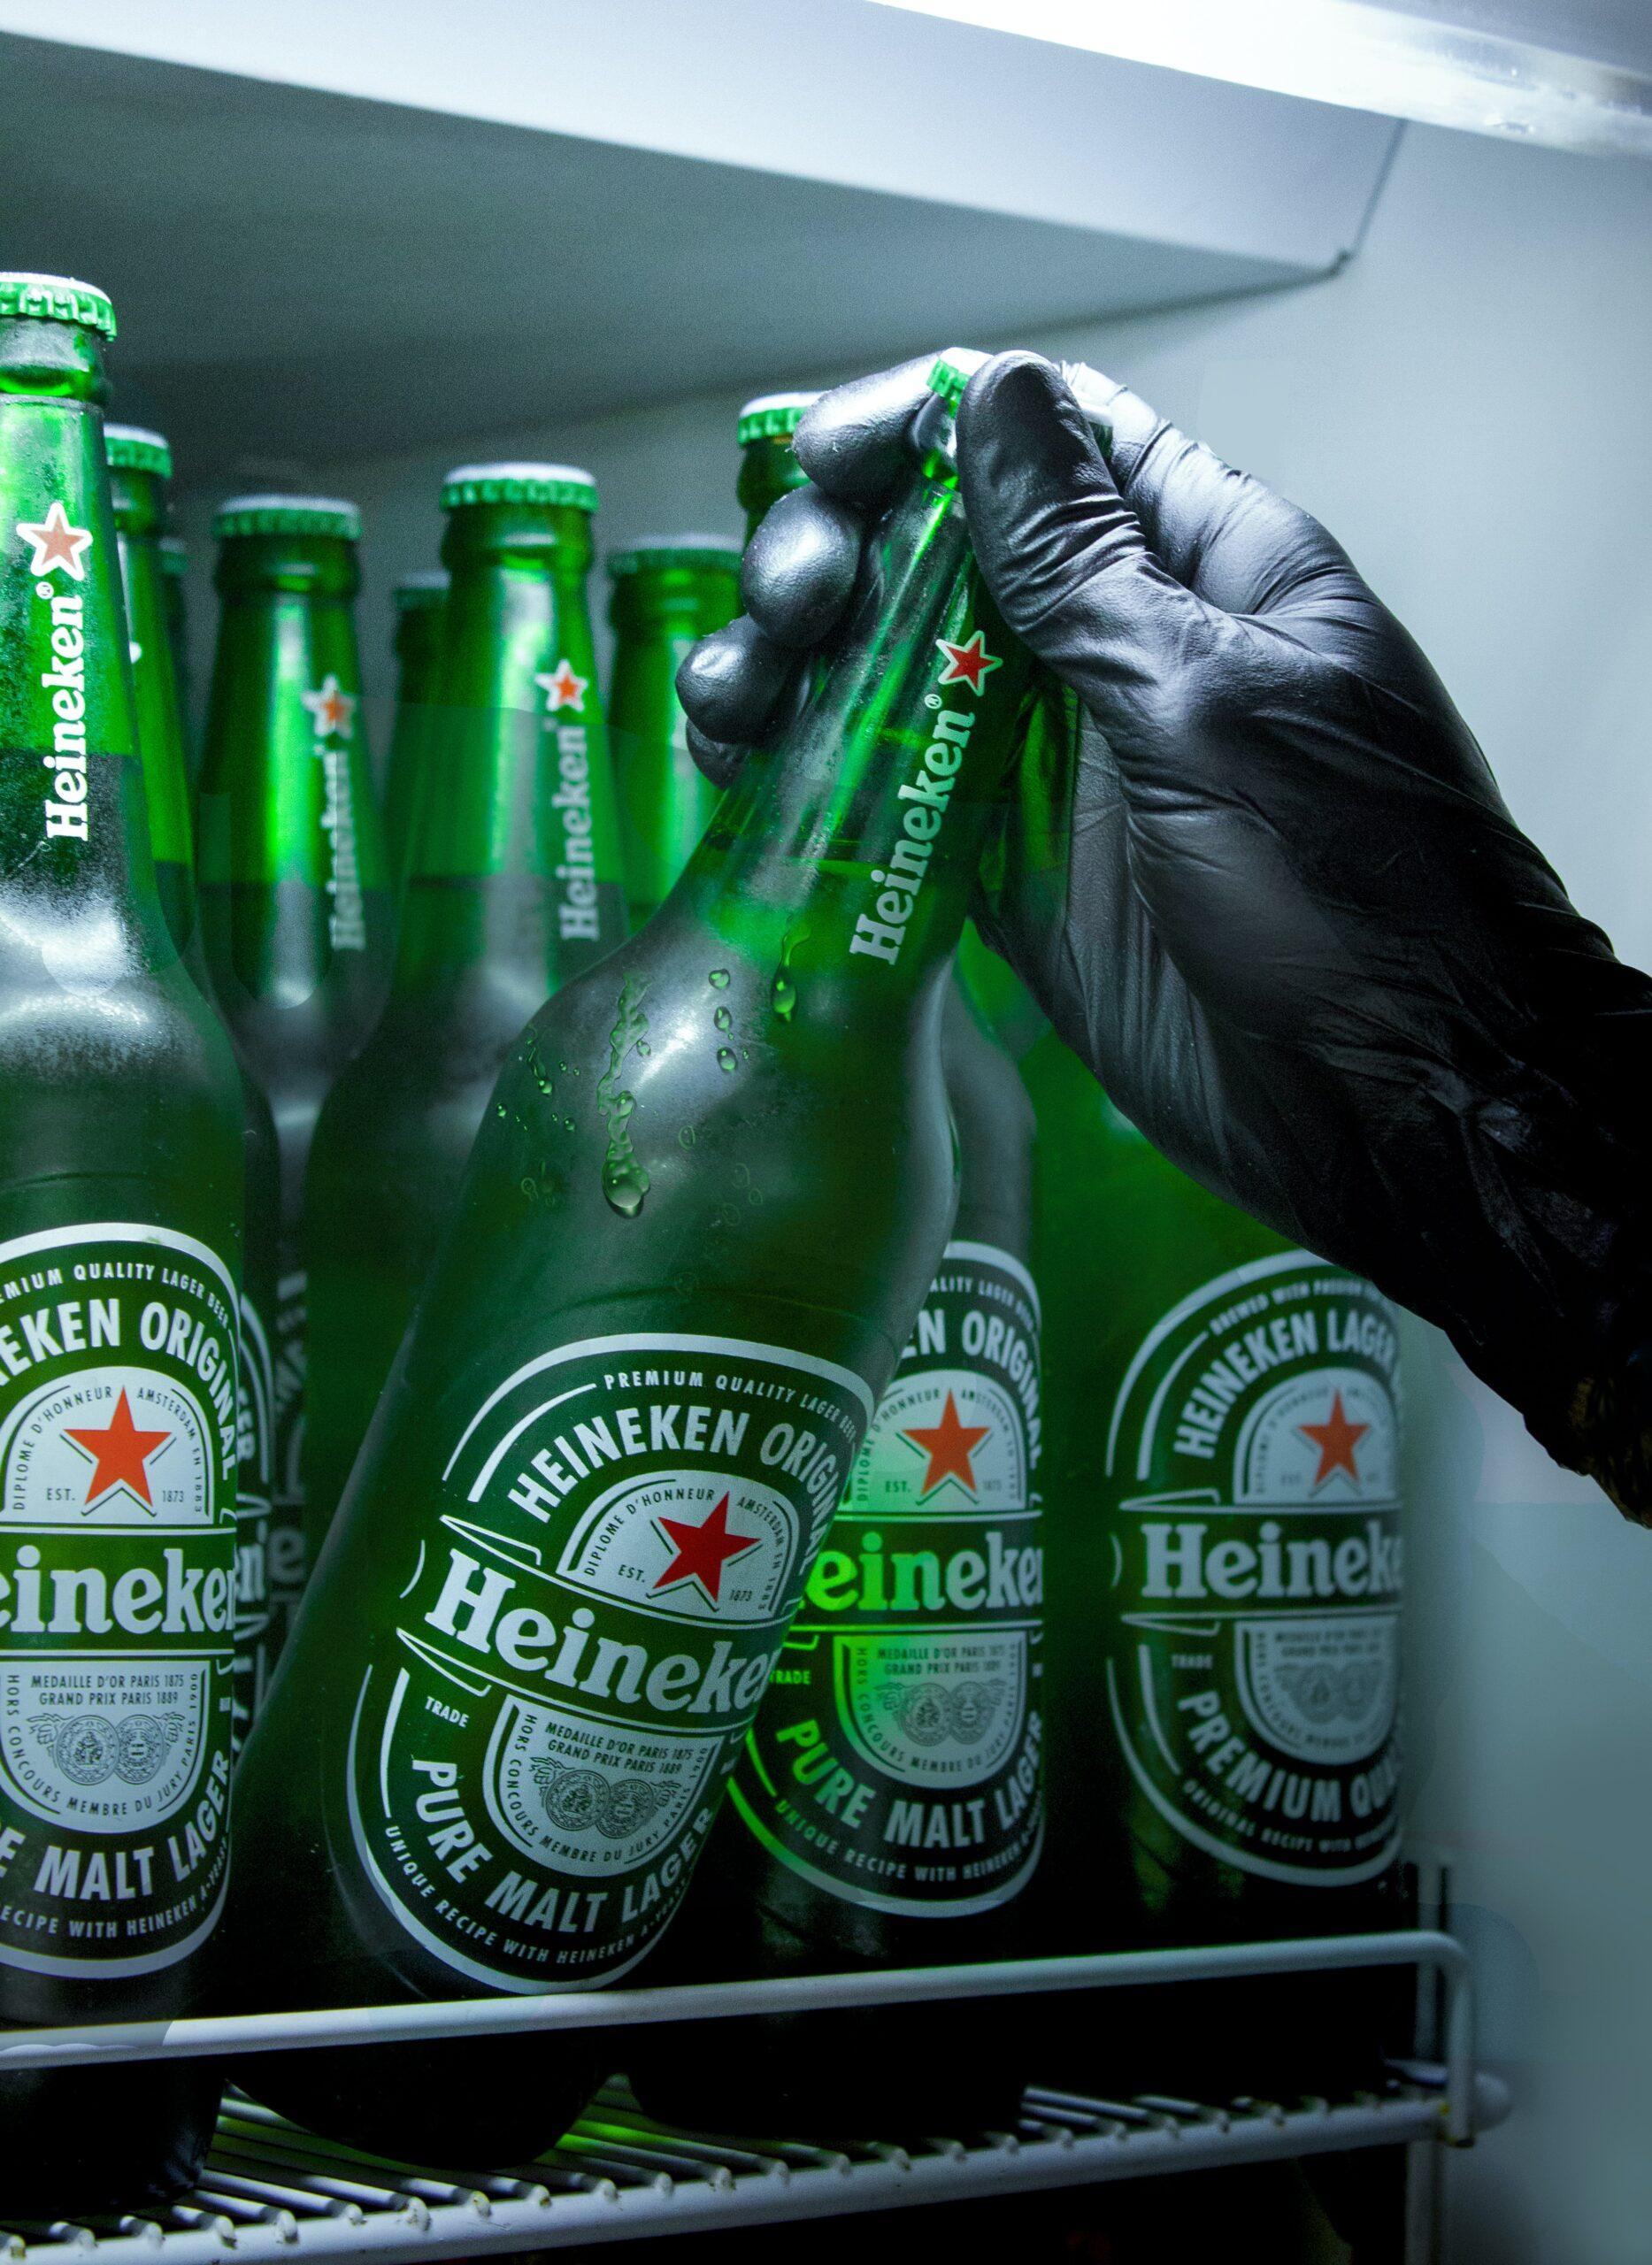 A photo of Heineken beer bottles in the fridge